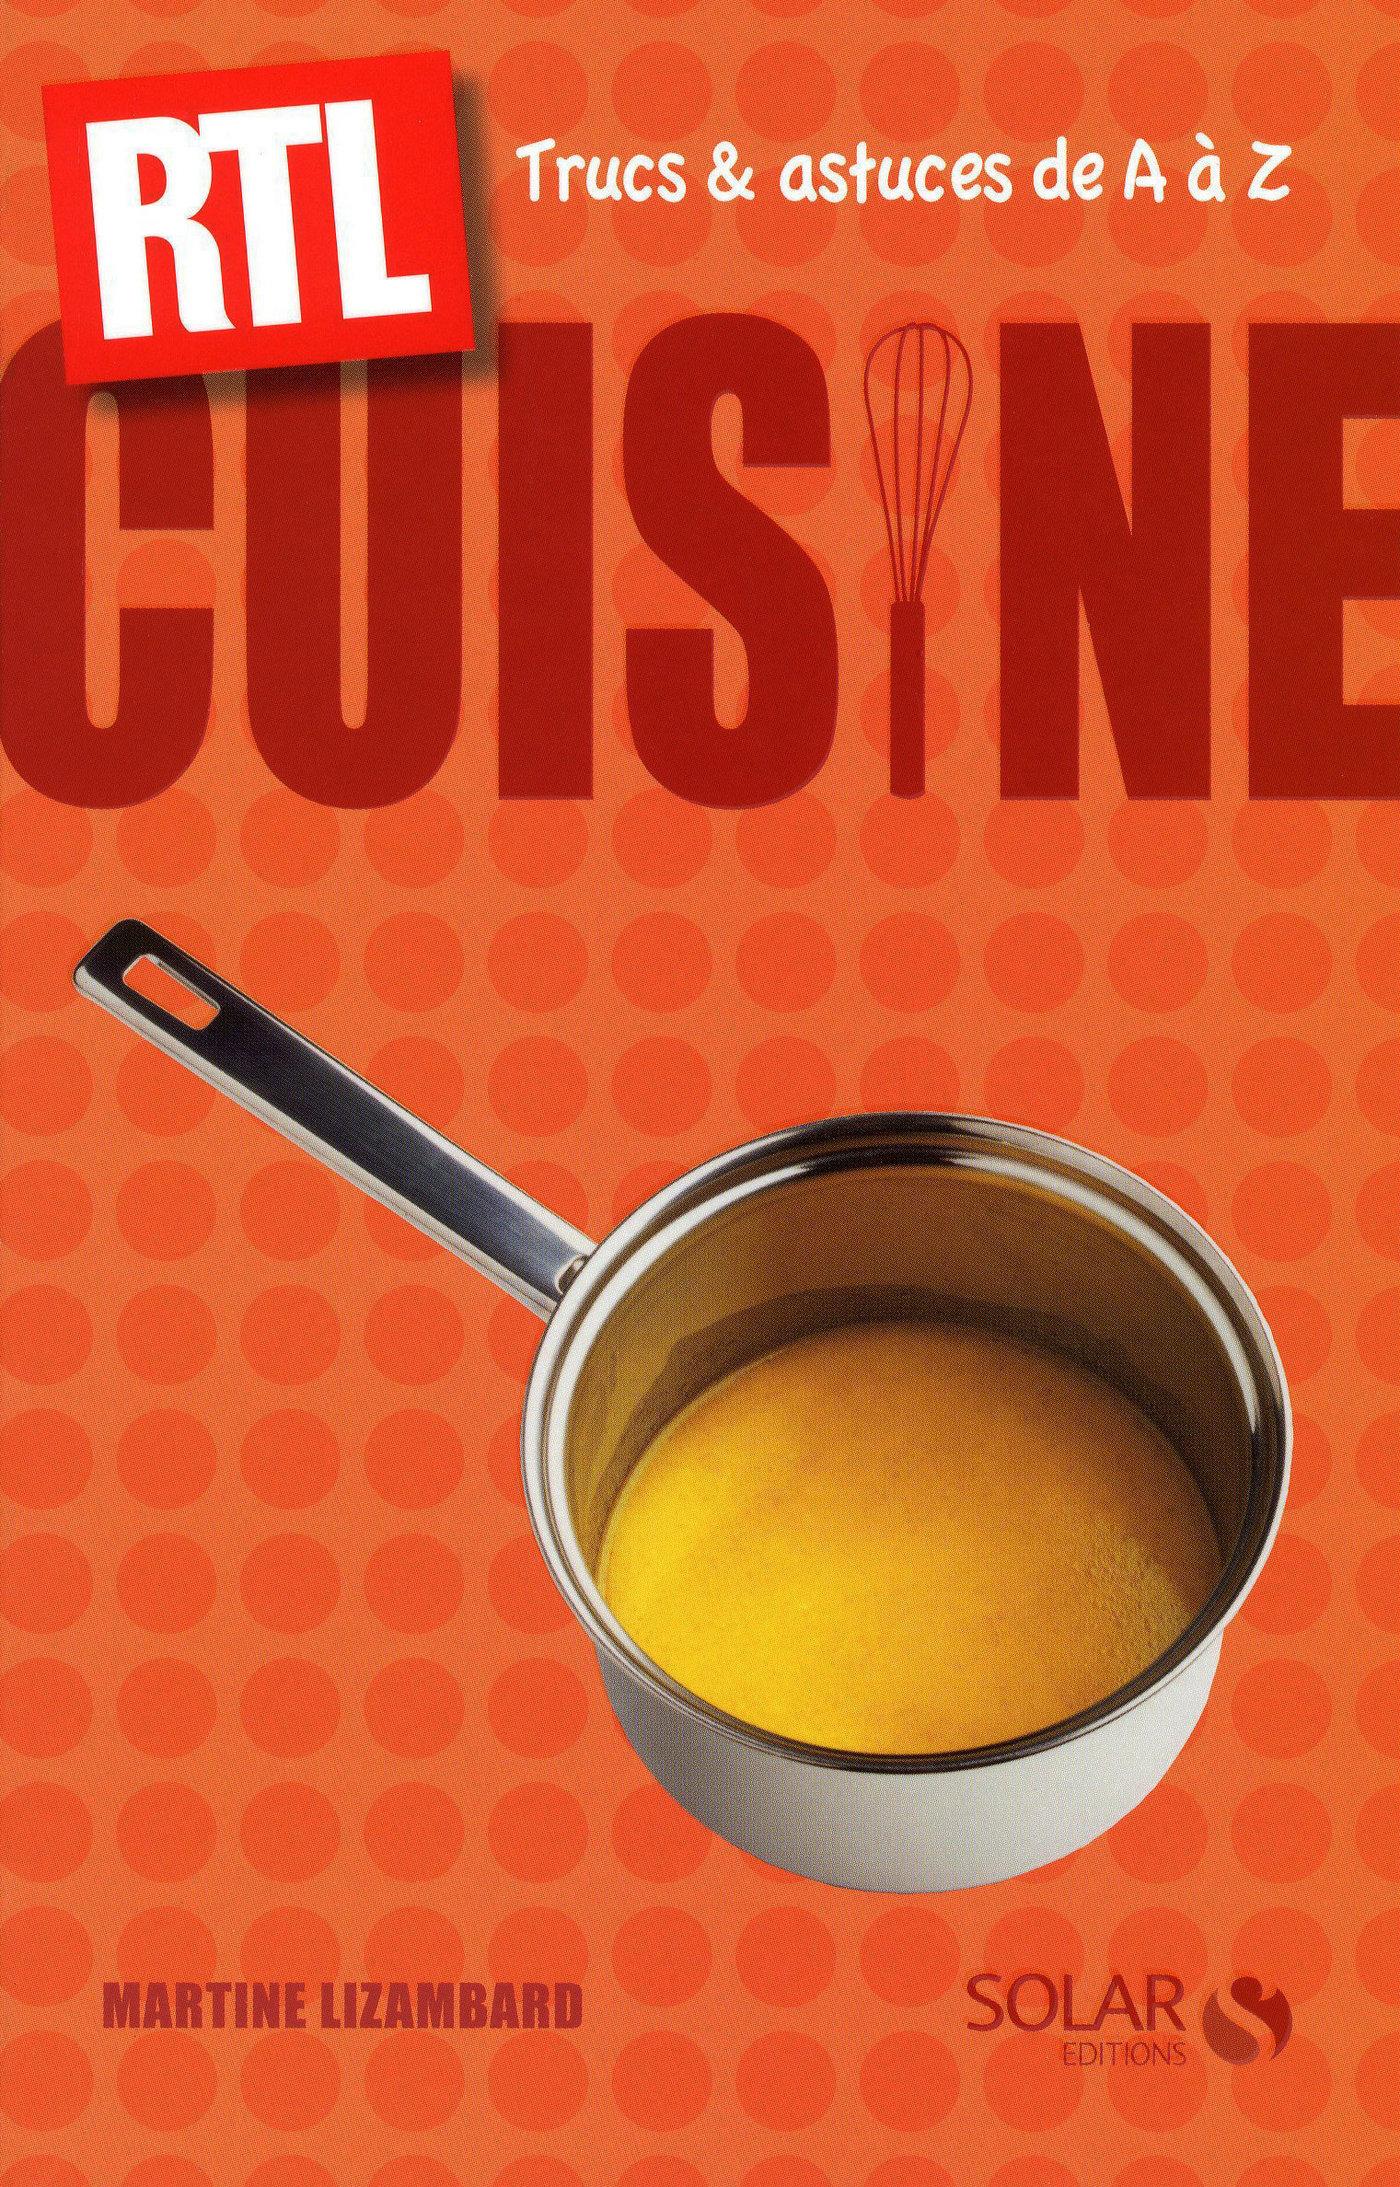 Cuisine trucs et astuces de a z rtl martine - Trucs et astuces de cuisine ...